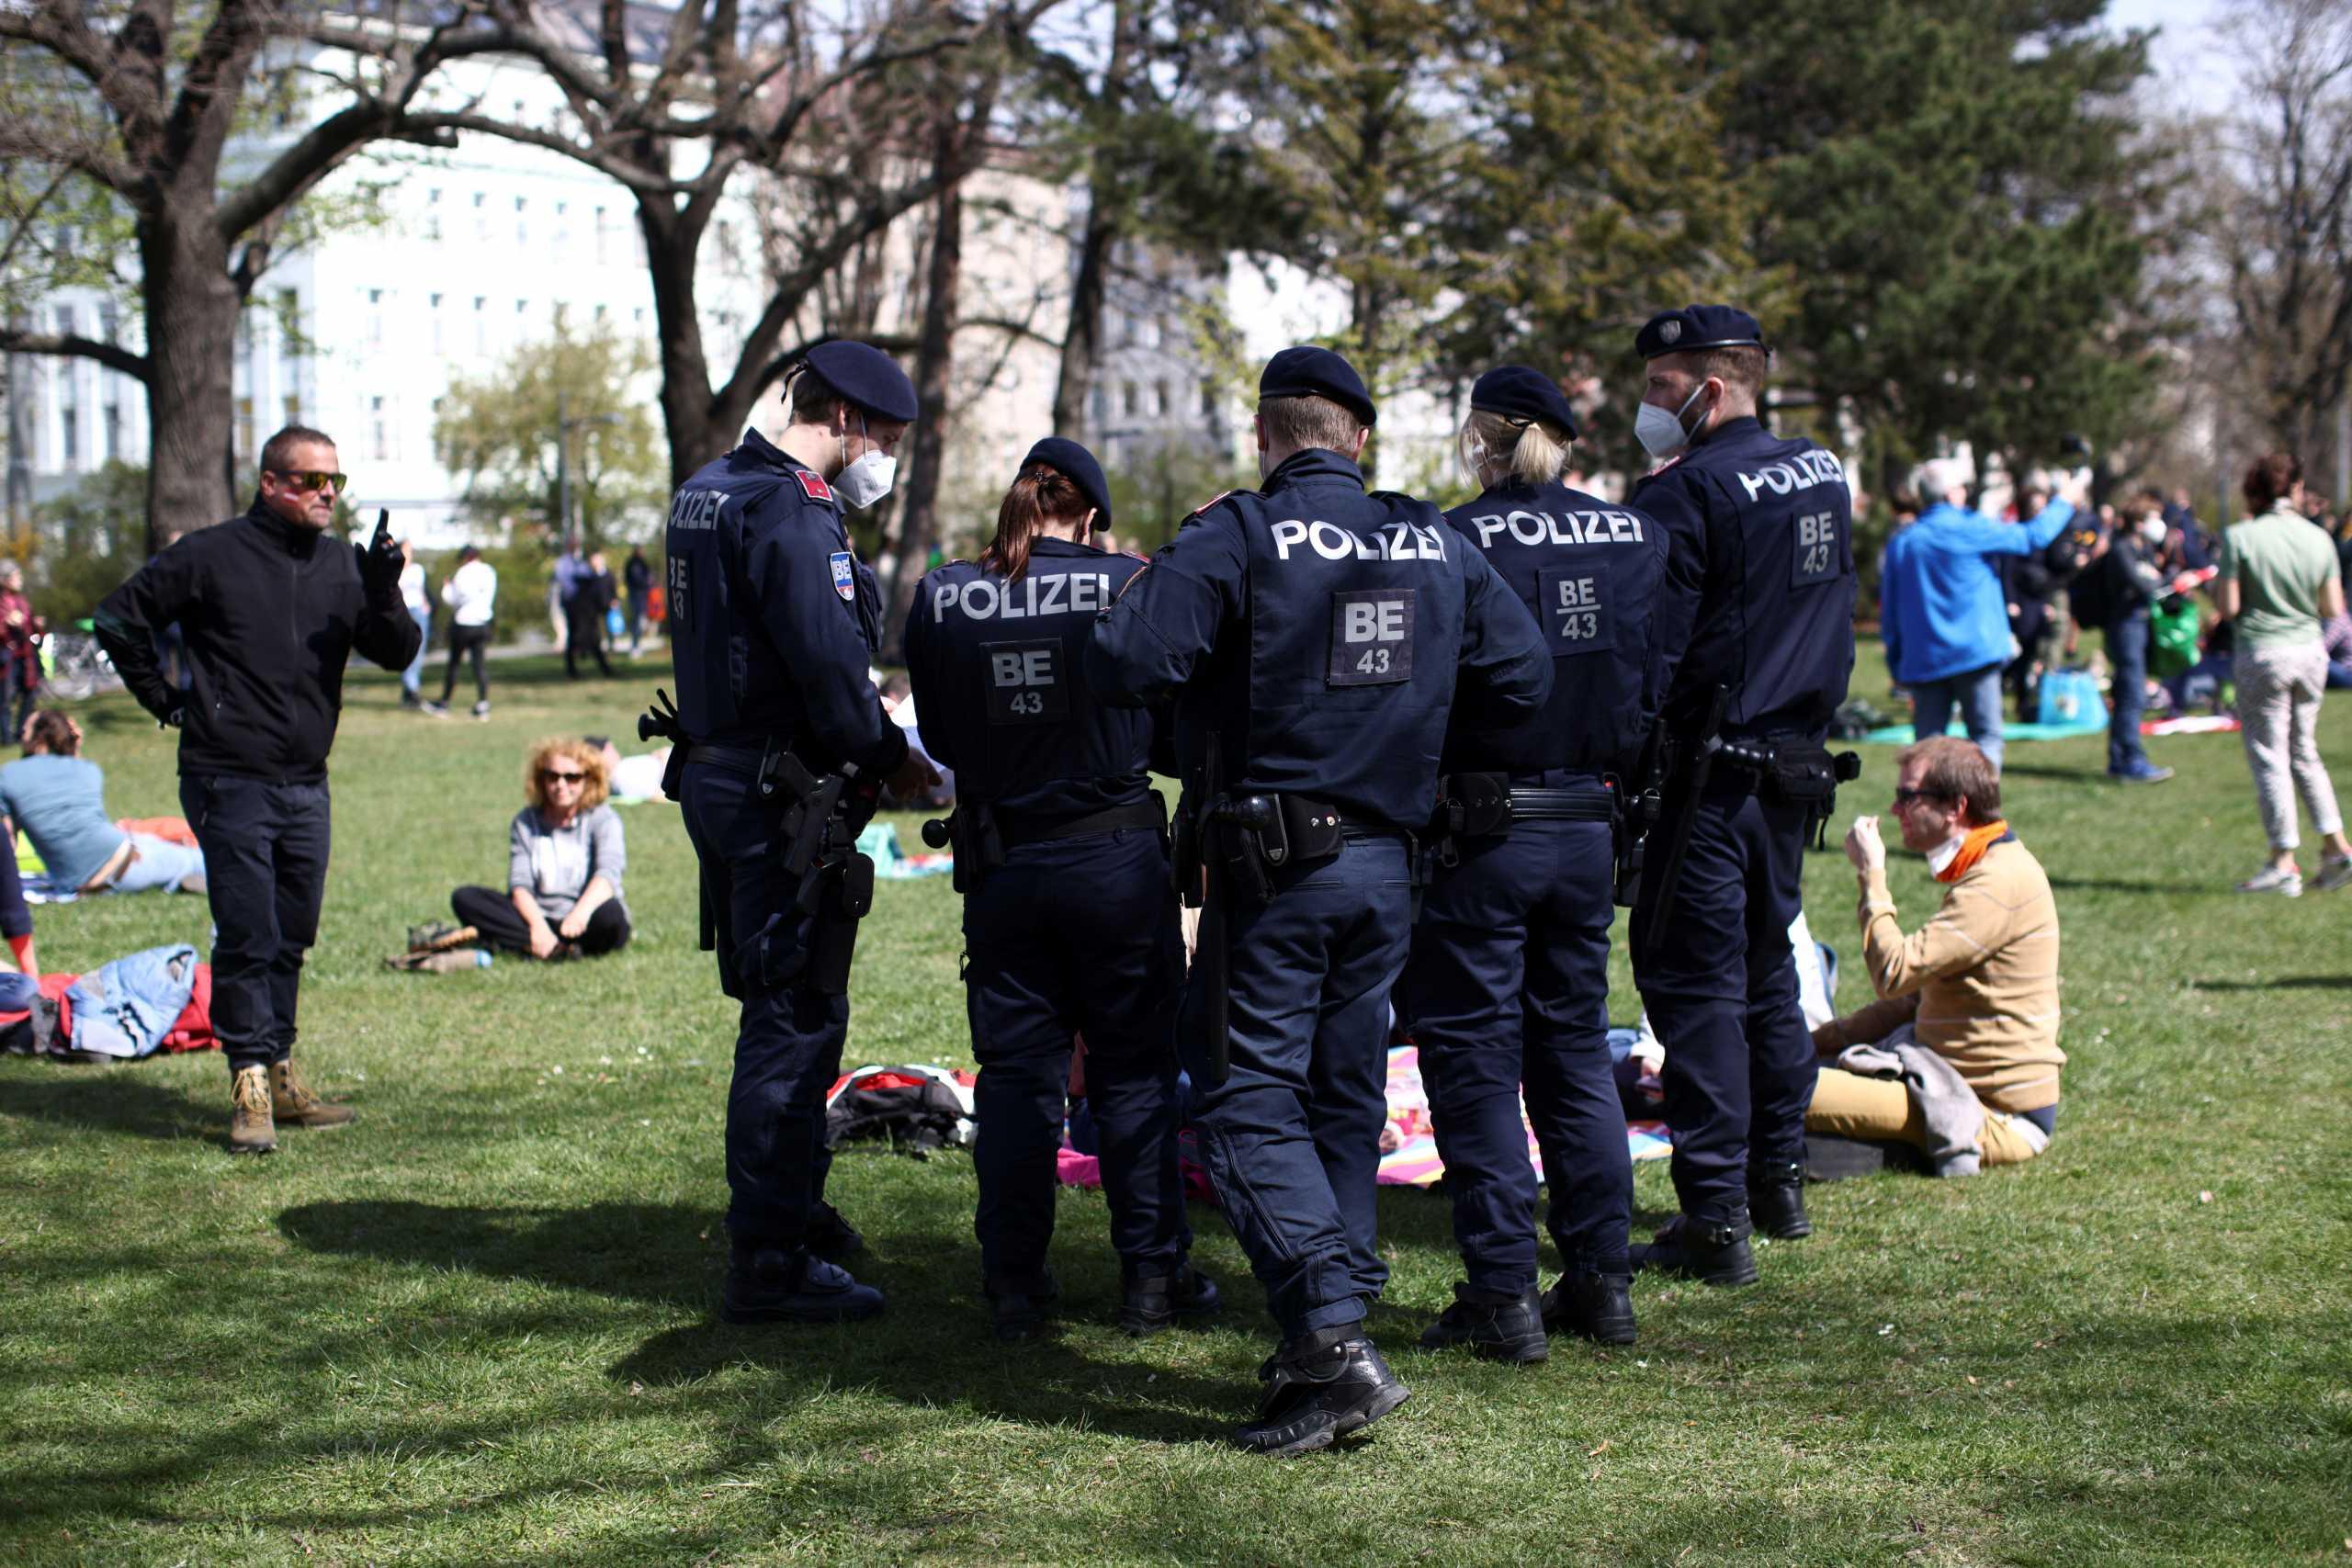 Την παράταση του «σκληρού lockdown» στη Βιέννη μέχρι τις 2 Μαΐου ανακοίνωσε ο δήμαρχος